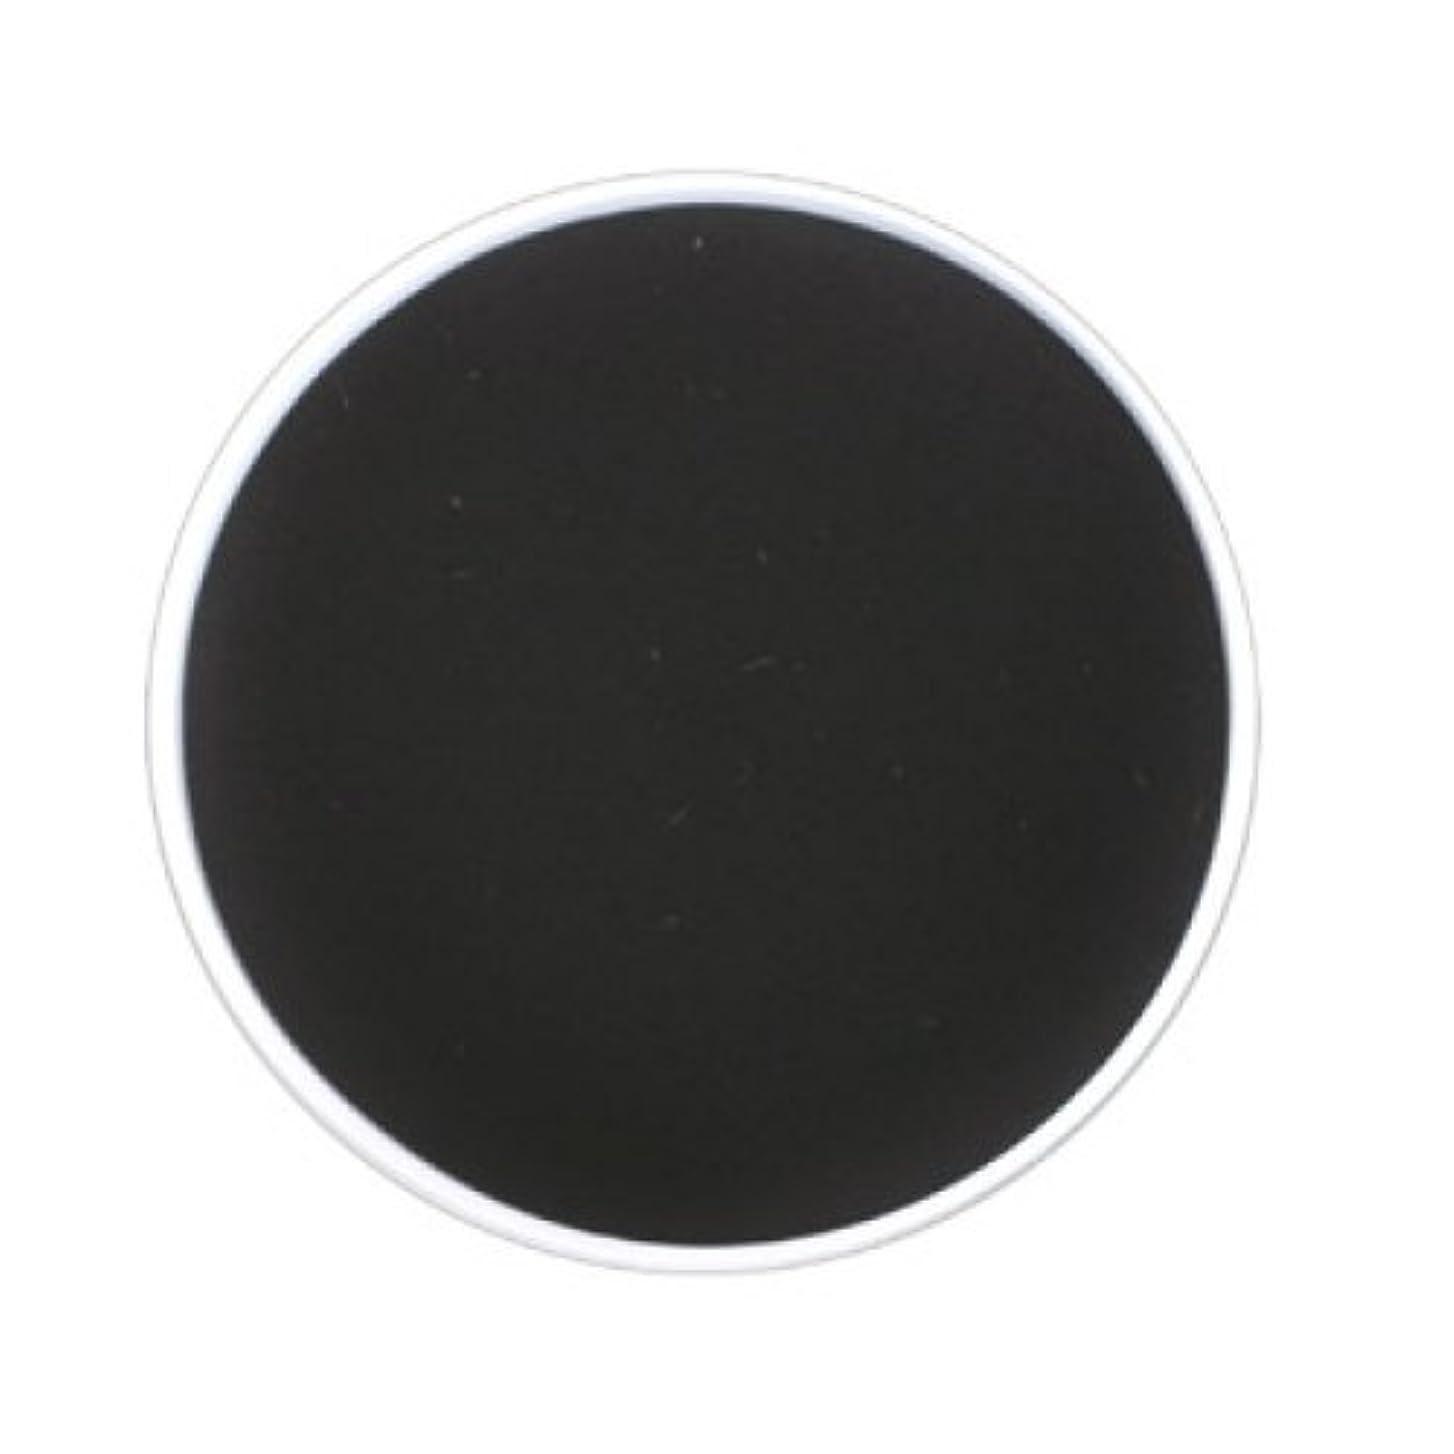 読みやすい冒険家アレルギー性mehron Color Cups Face and Body Paint - Black (並行輸入品)